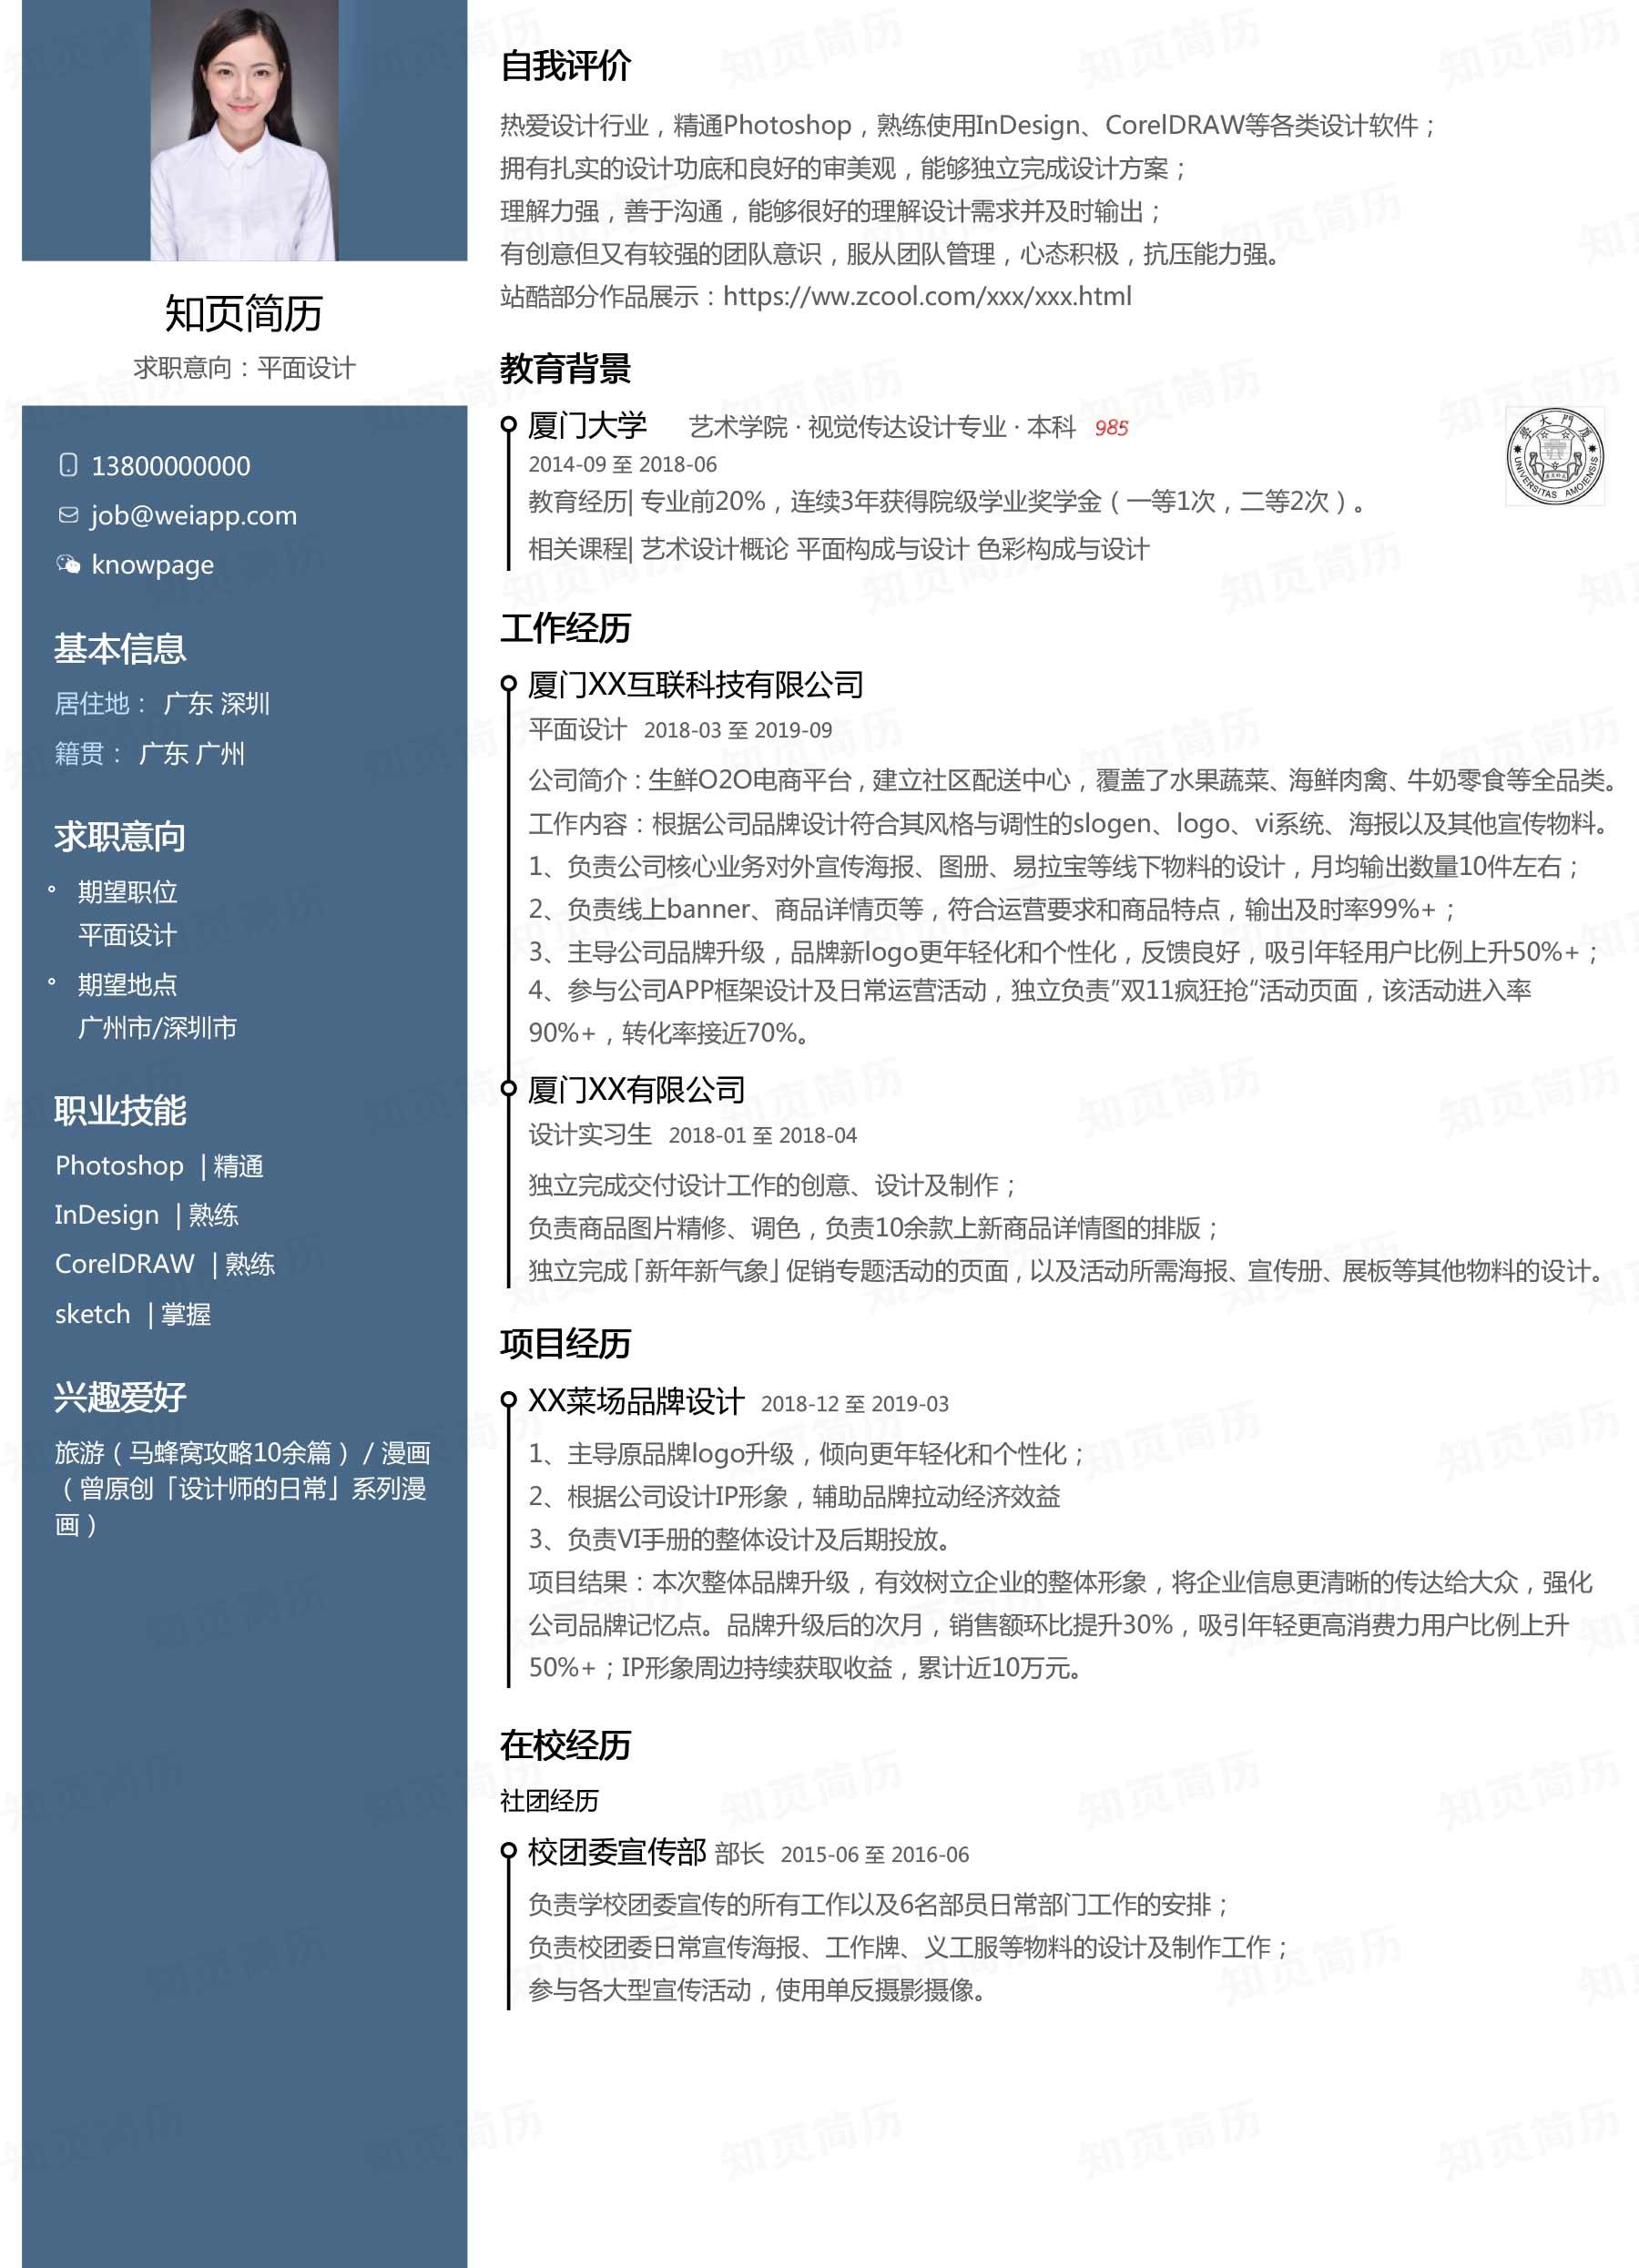 平面设计简历模板(社招)